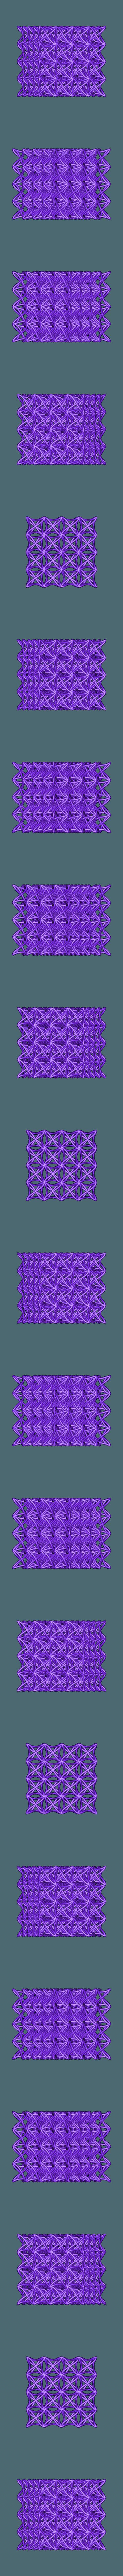 A6_12_4x4.stl Télécharger fichier STL gratuit Cellules de l'unité auxiliaire • Objet imprimable en 3D, sjpiper145